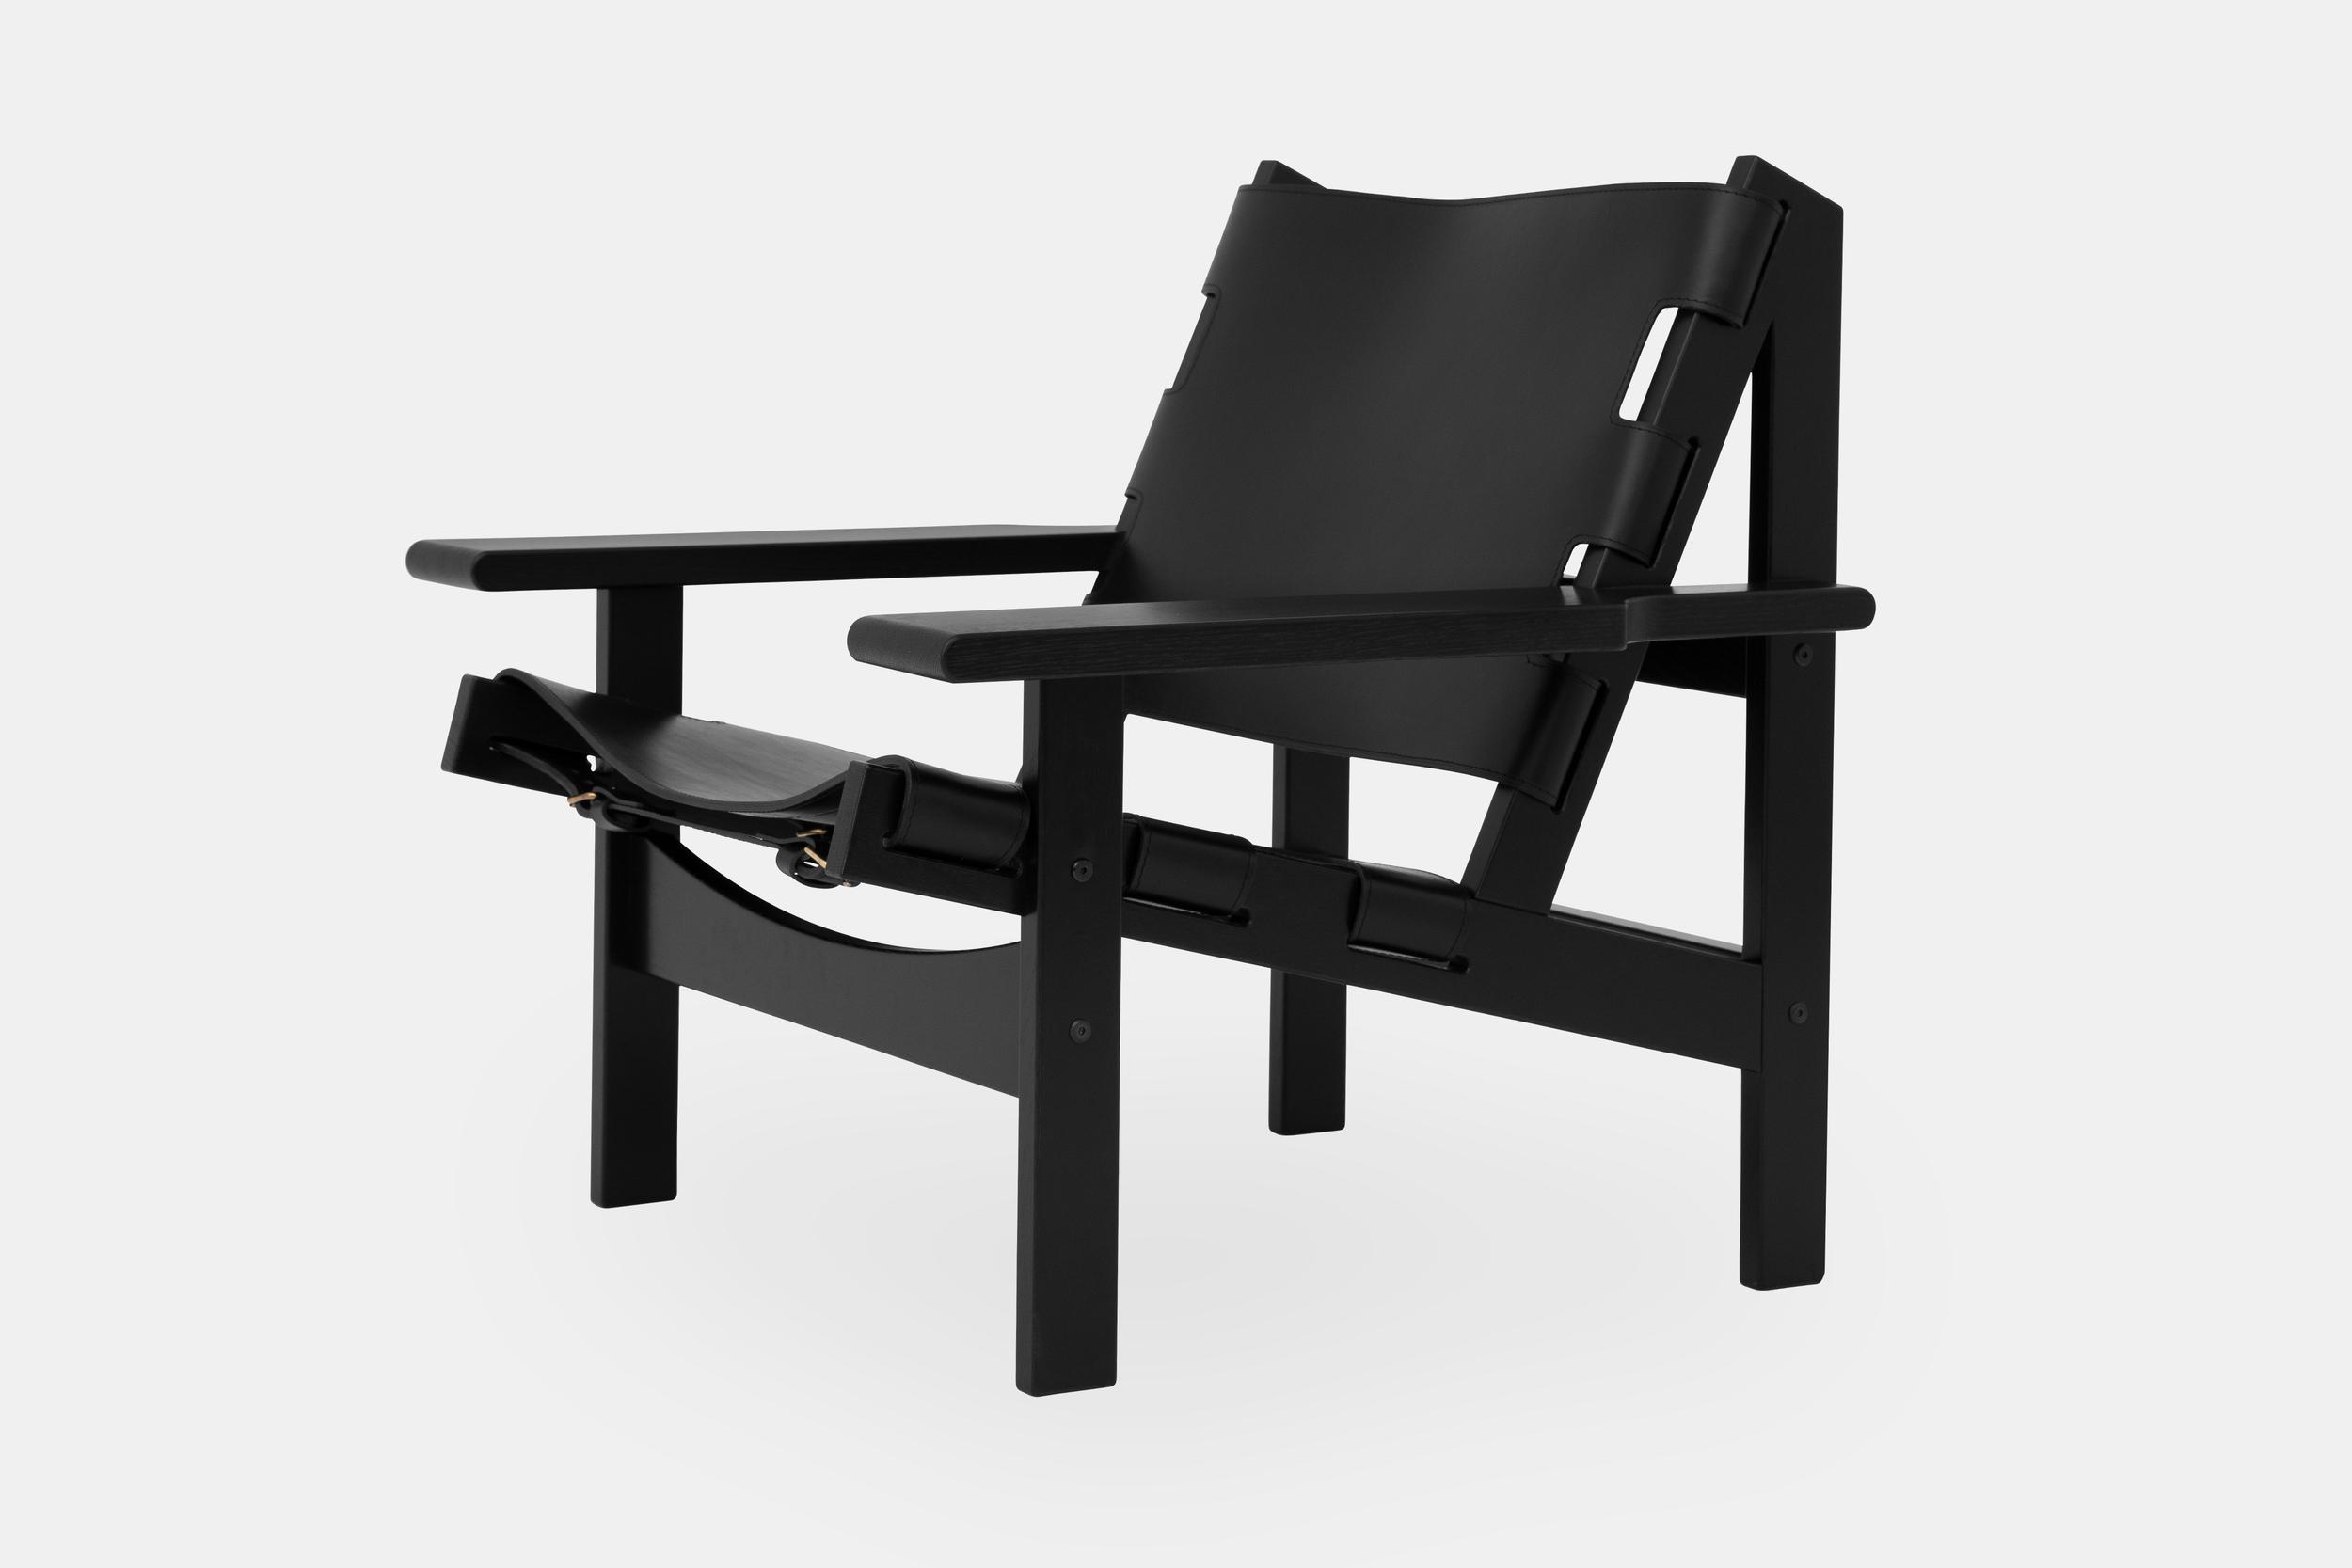 hunting-chair-black-black-2.png